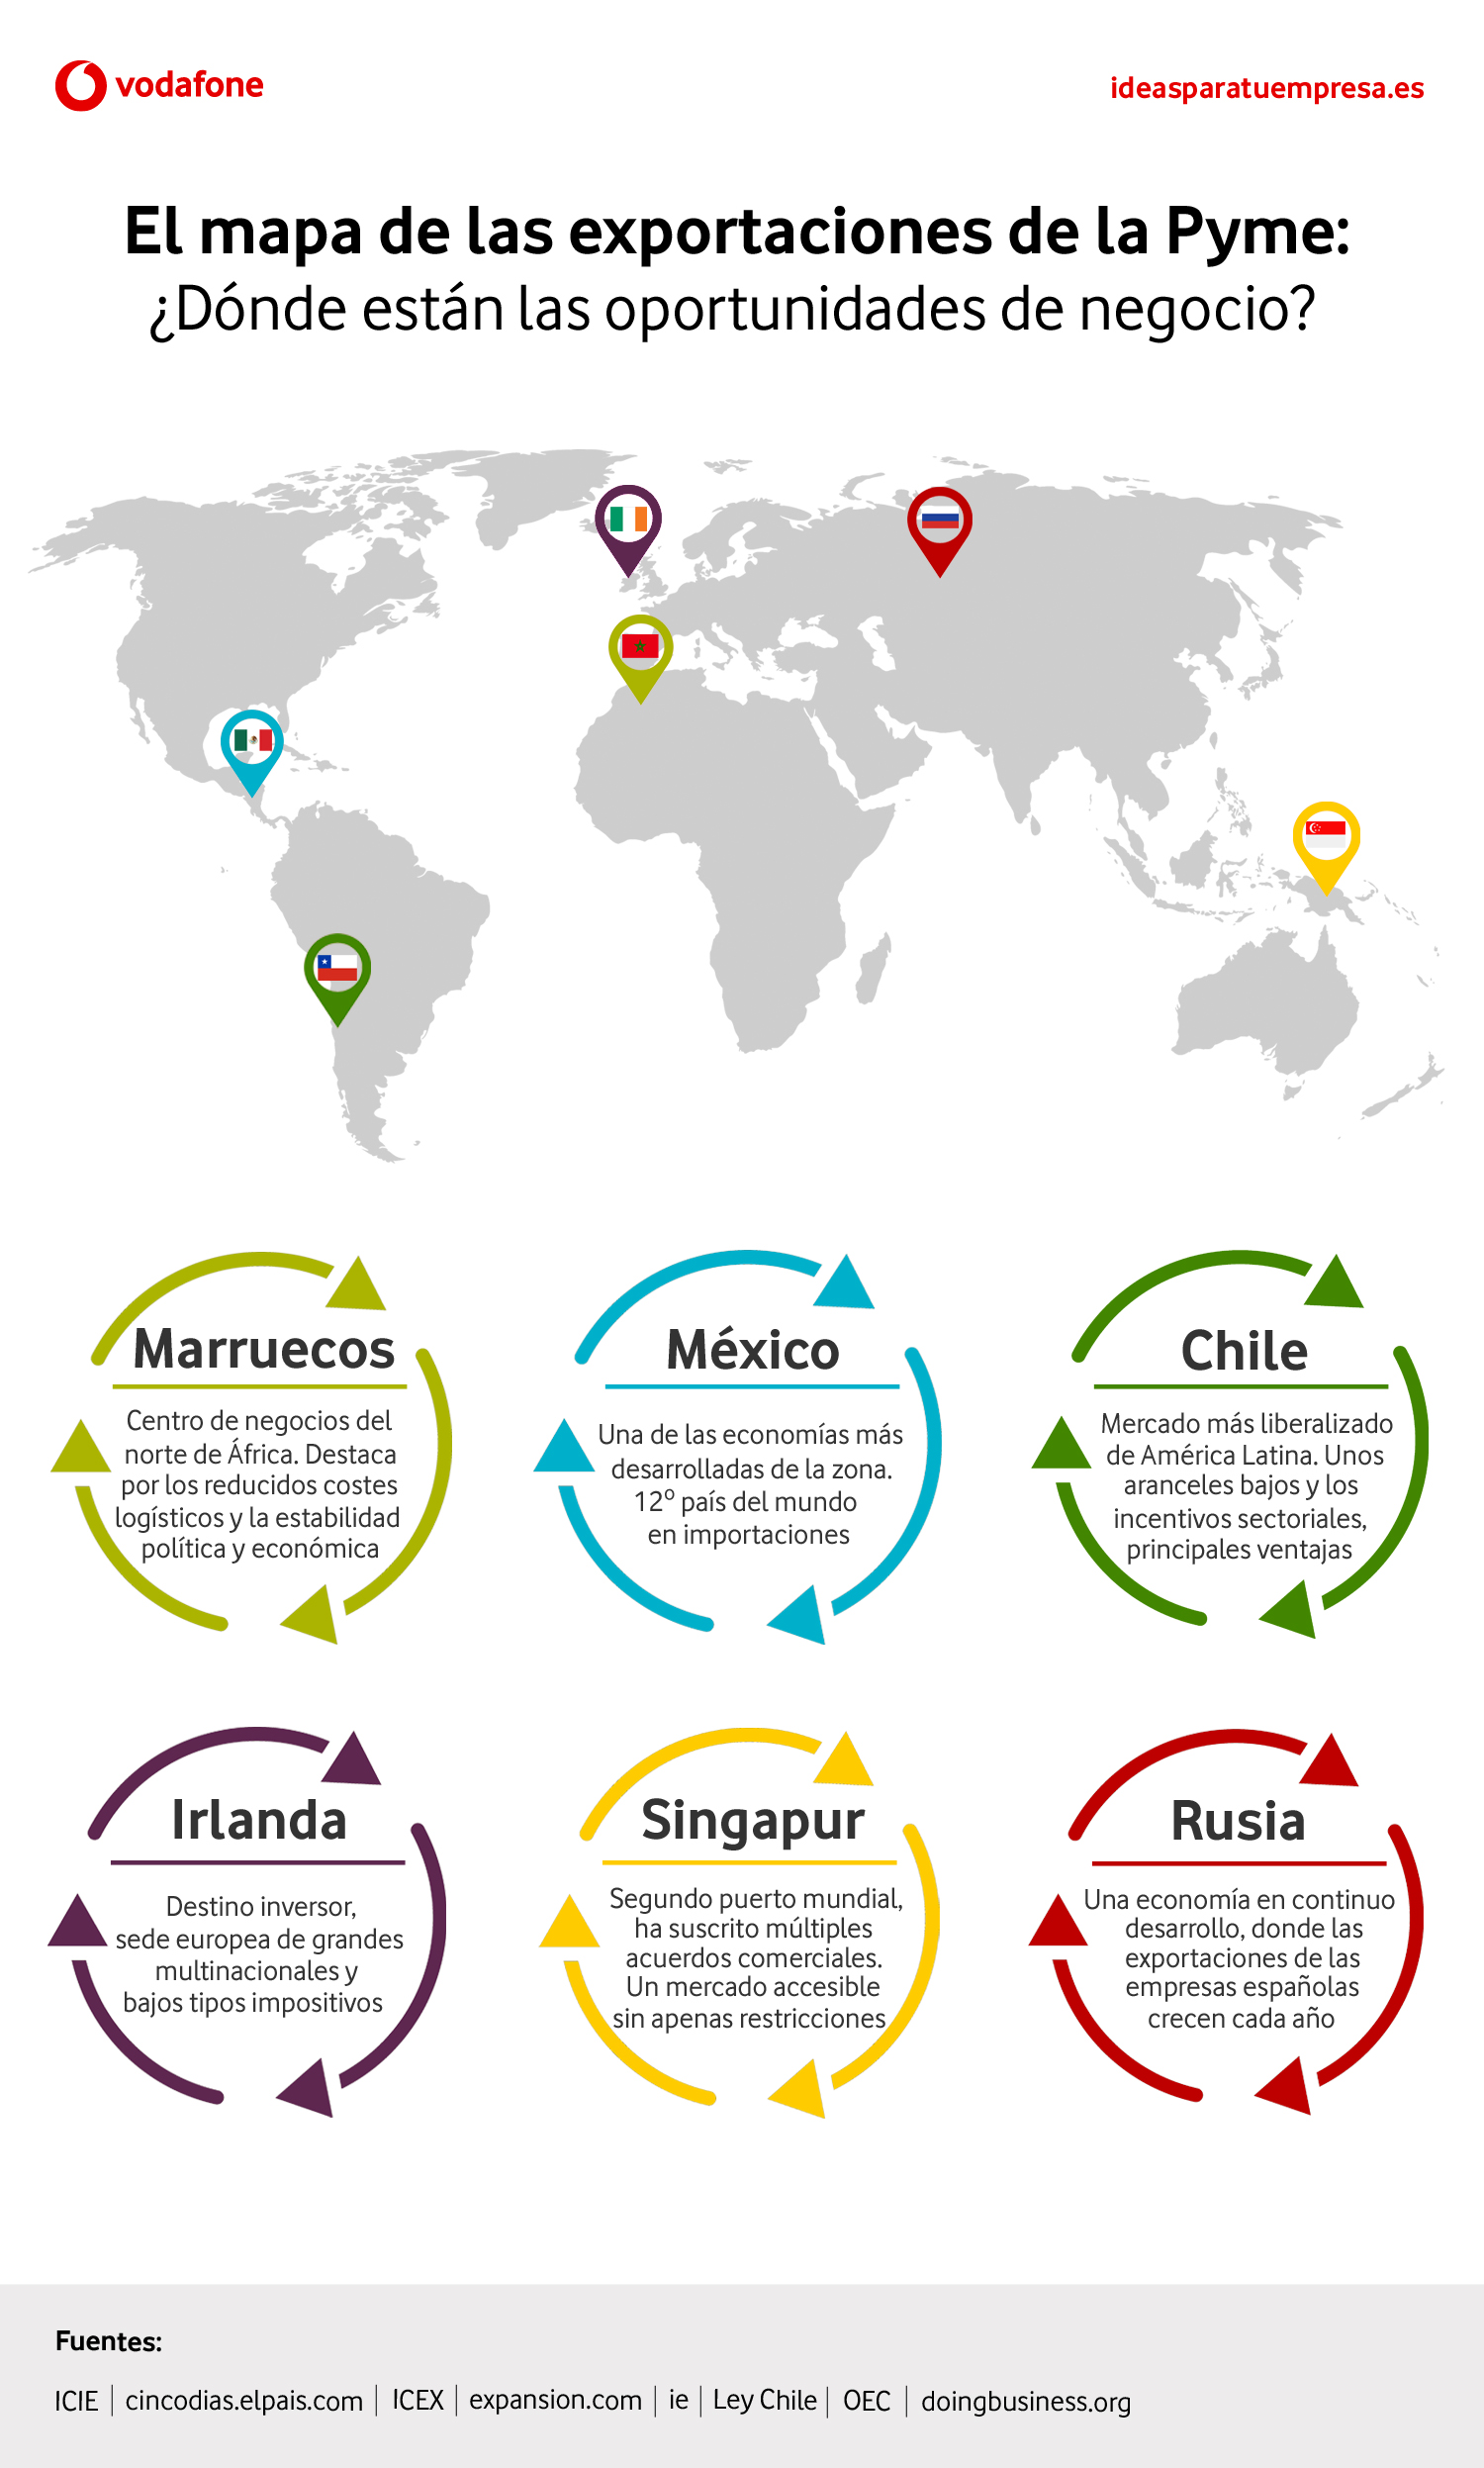 Cuánto han aumentado las exportaciones de la Pyme en España